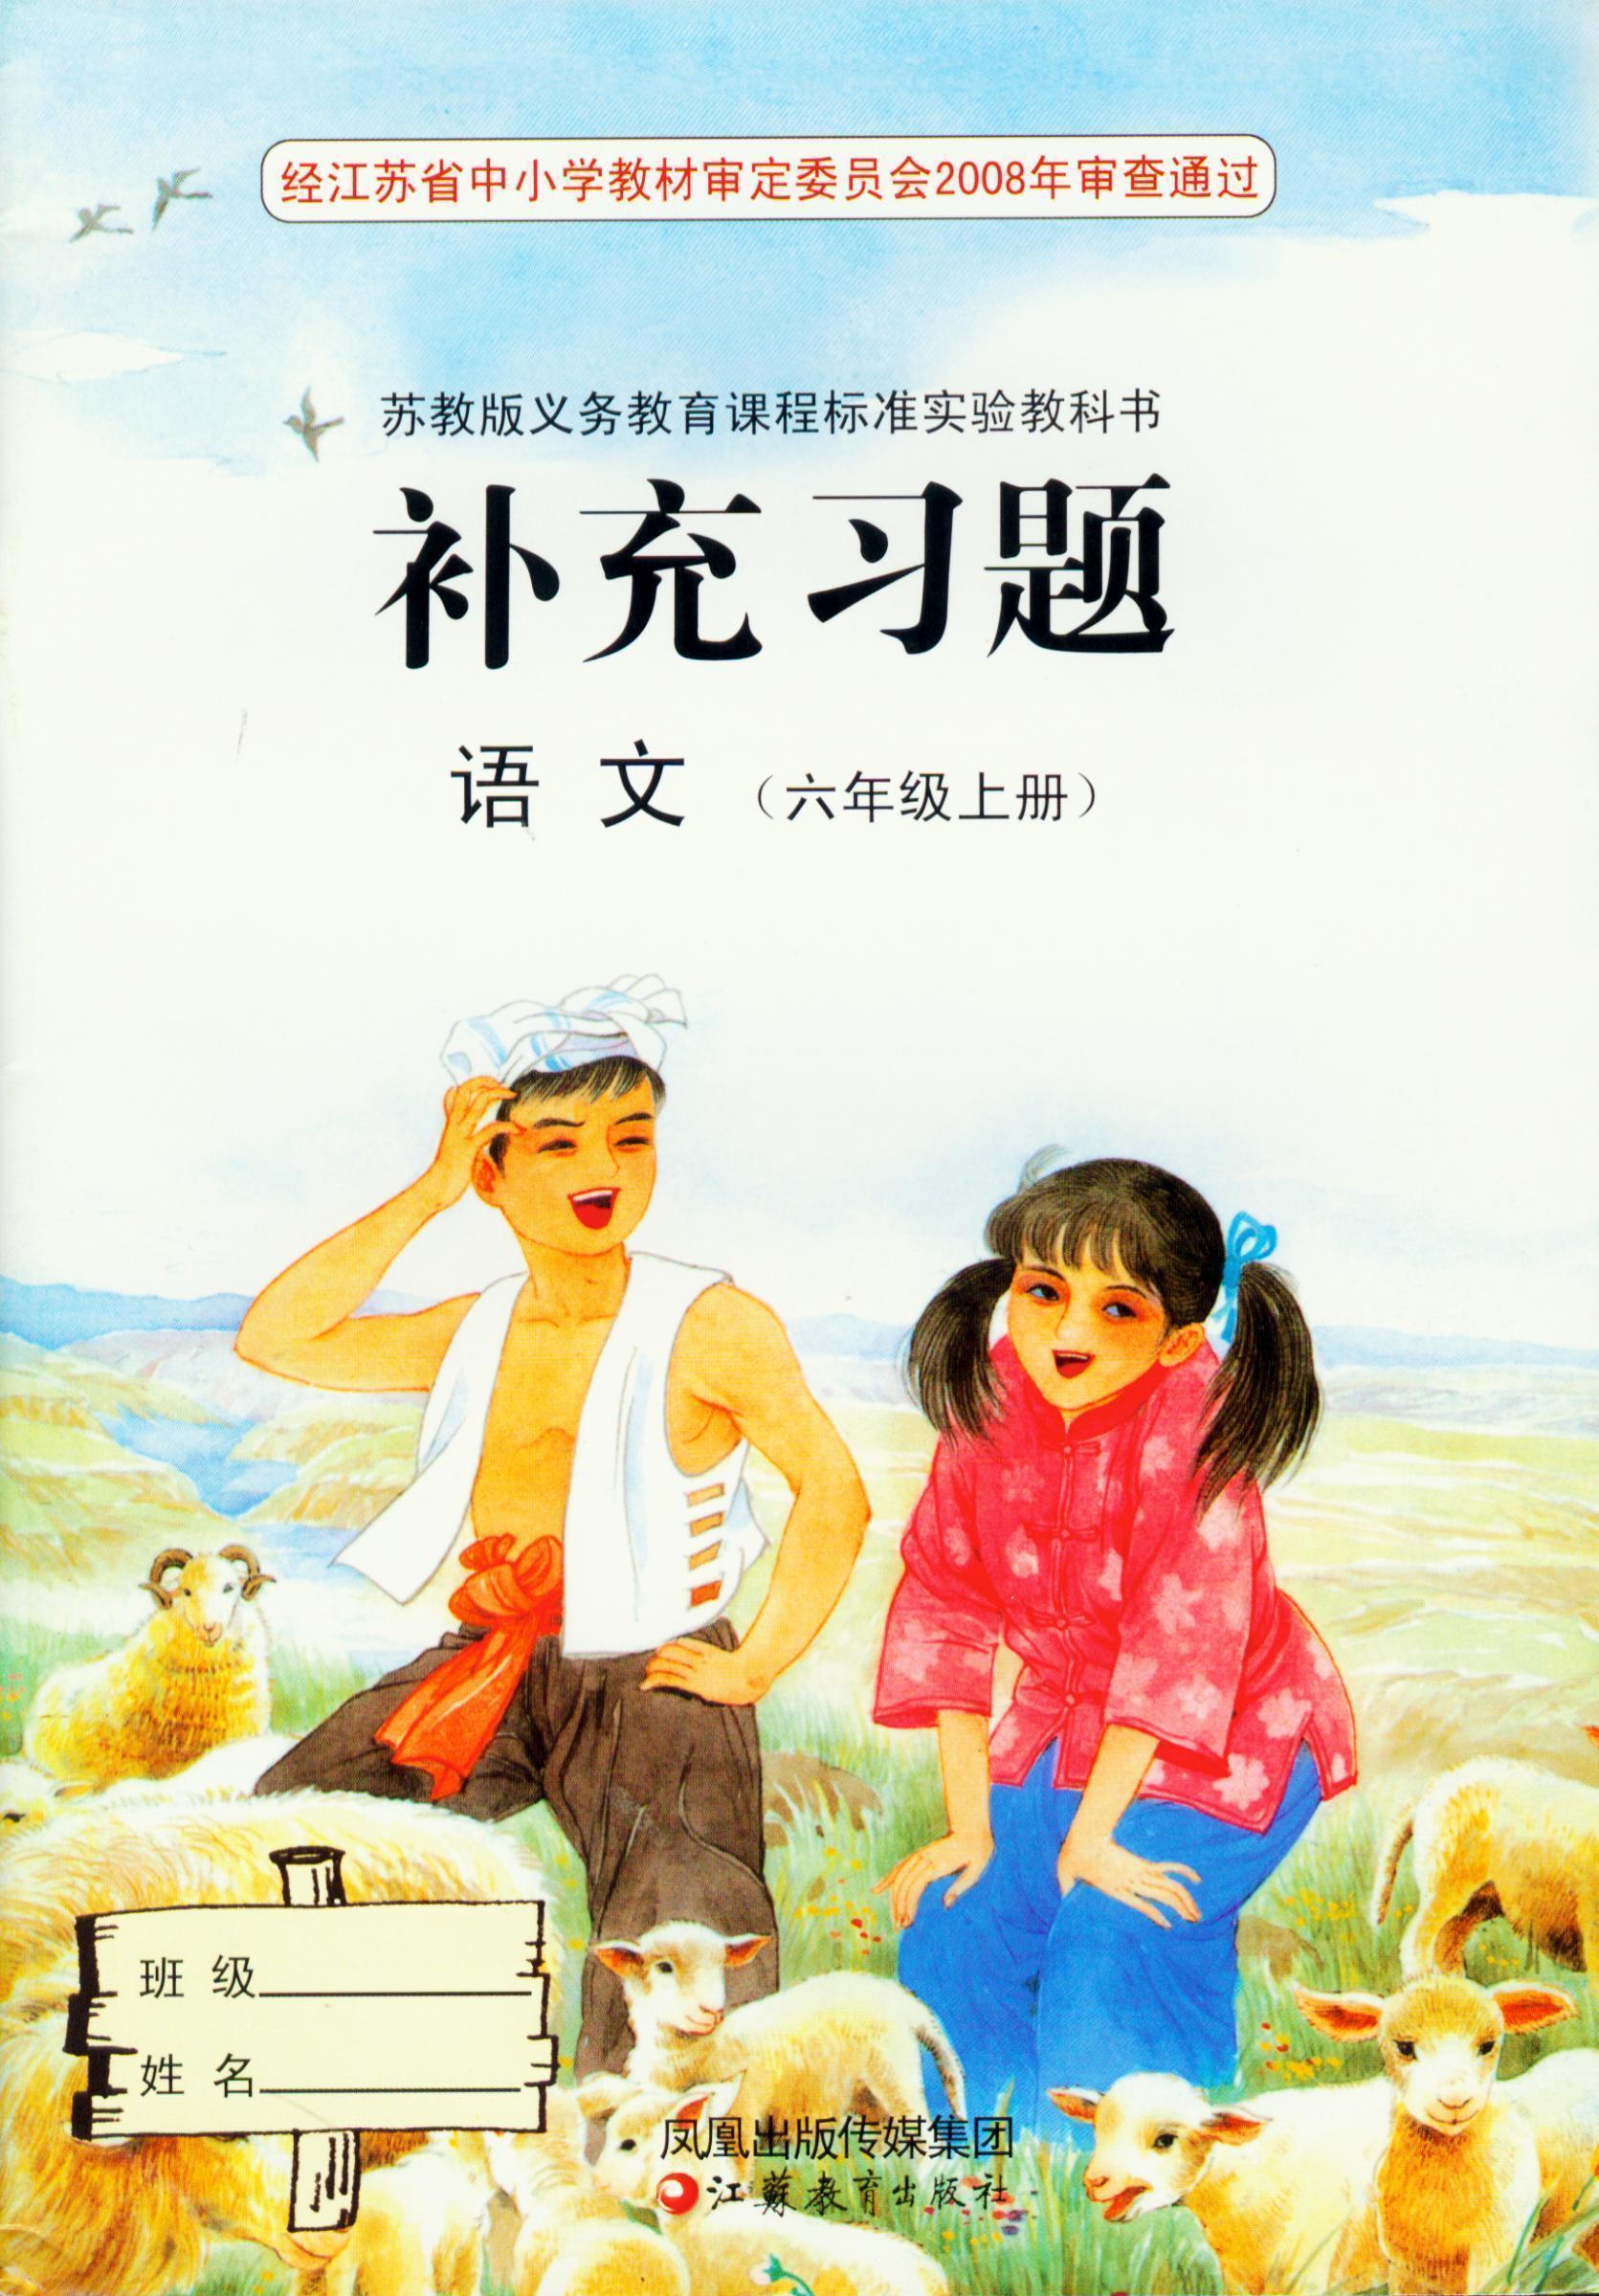 苏教版小学语文书课本补充习题图片